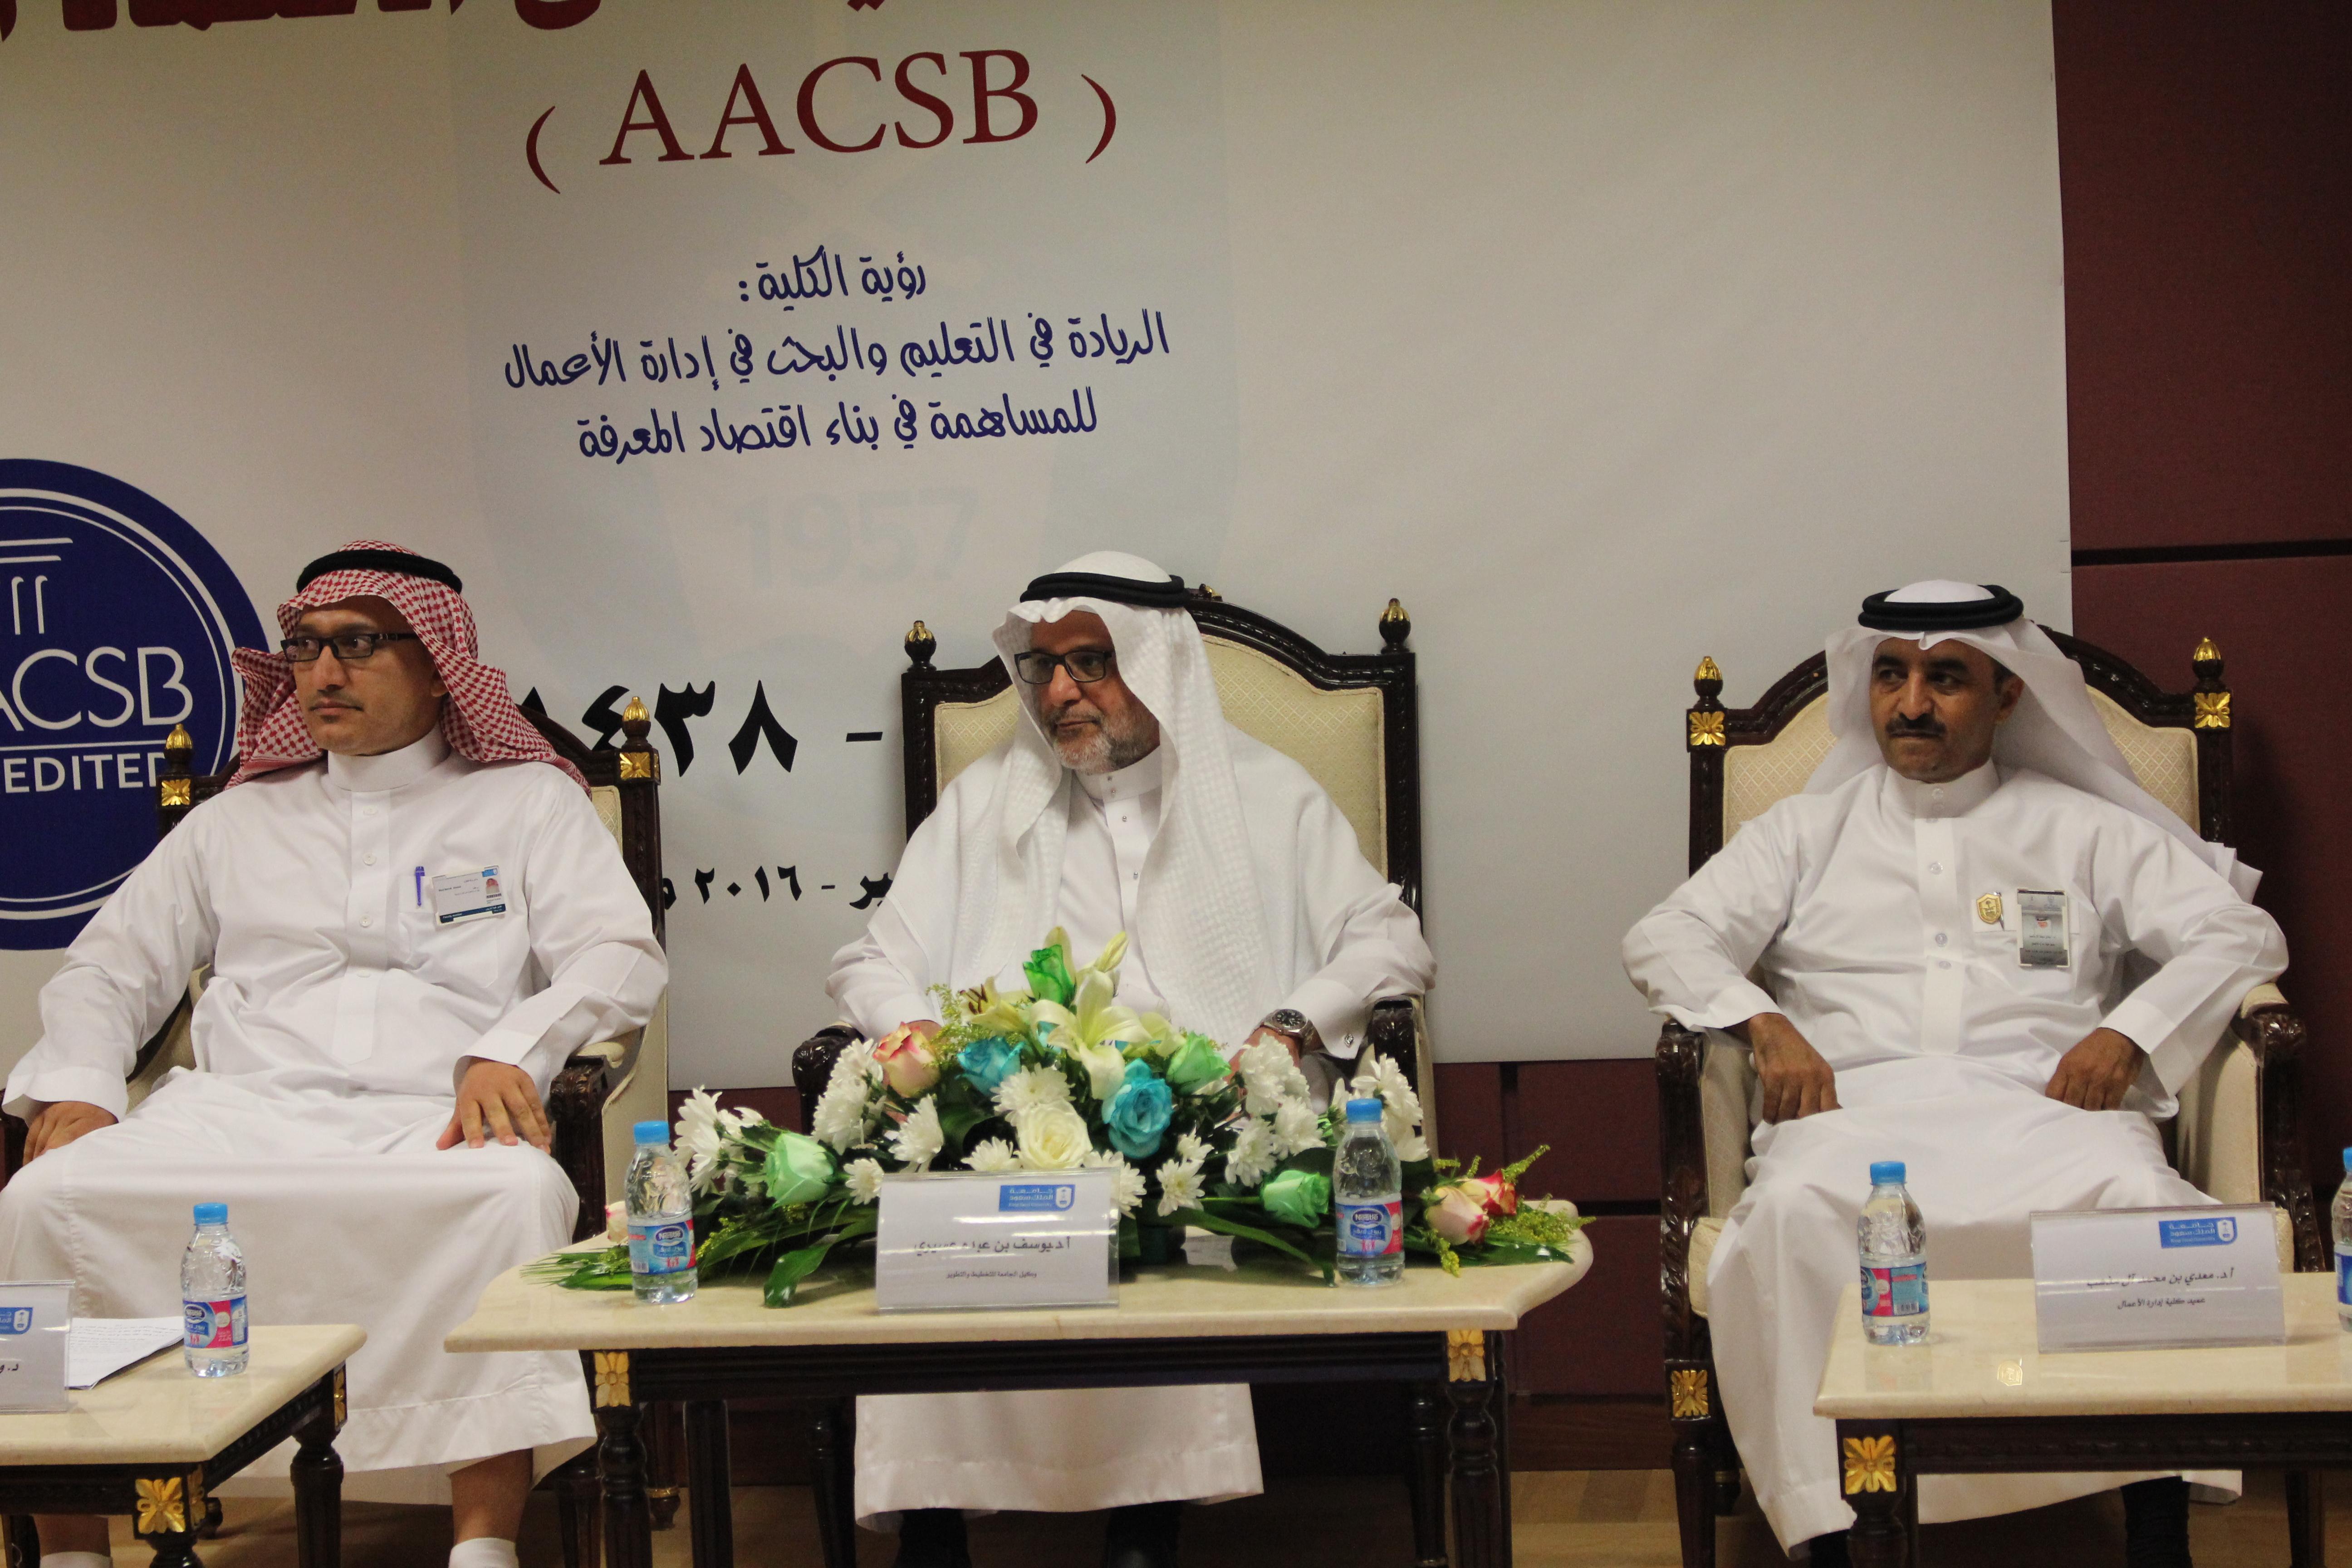 احتفال الكلية بمناسبة حصولها على الاعتماد الأكاديمي الدولي AACSB